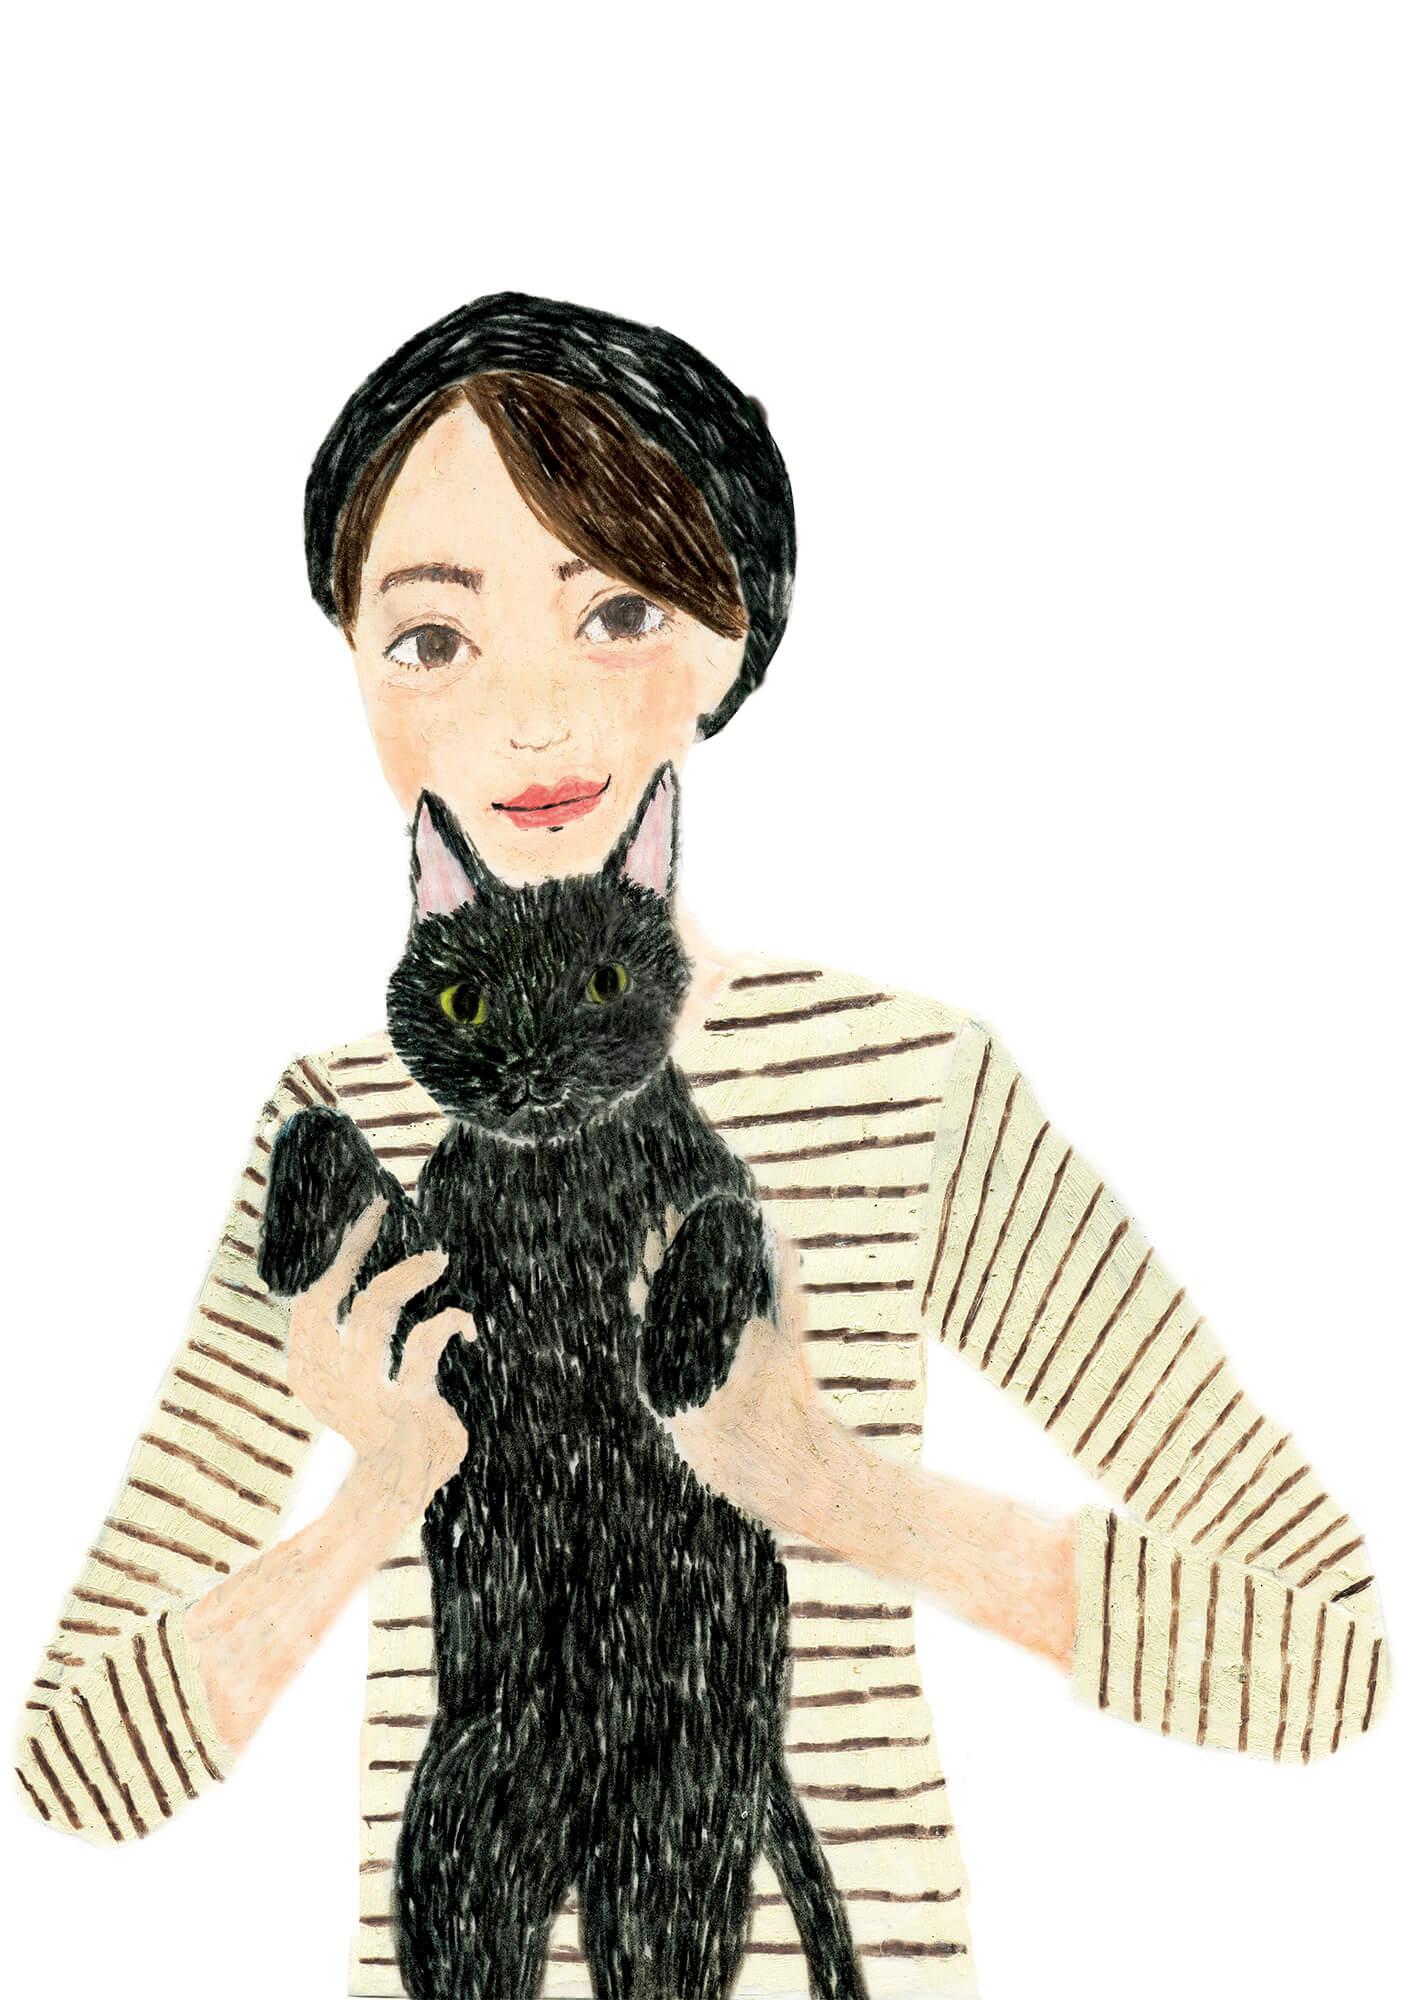 「ねこのきもち」イラストカット ベネッセ 2020年1月号「女性と黒猫」